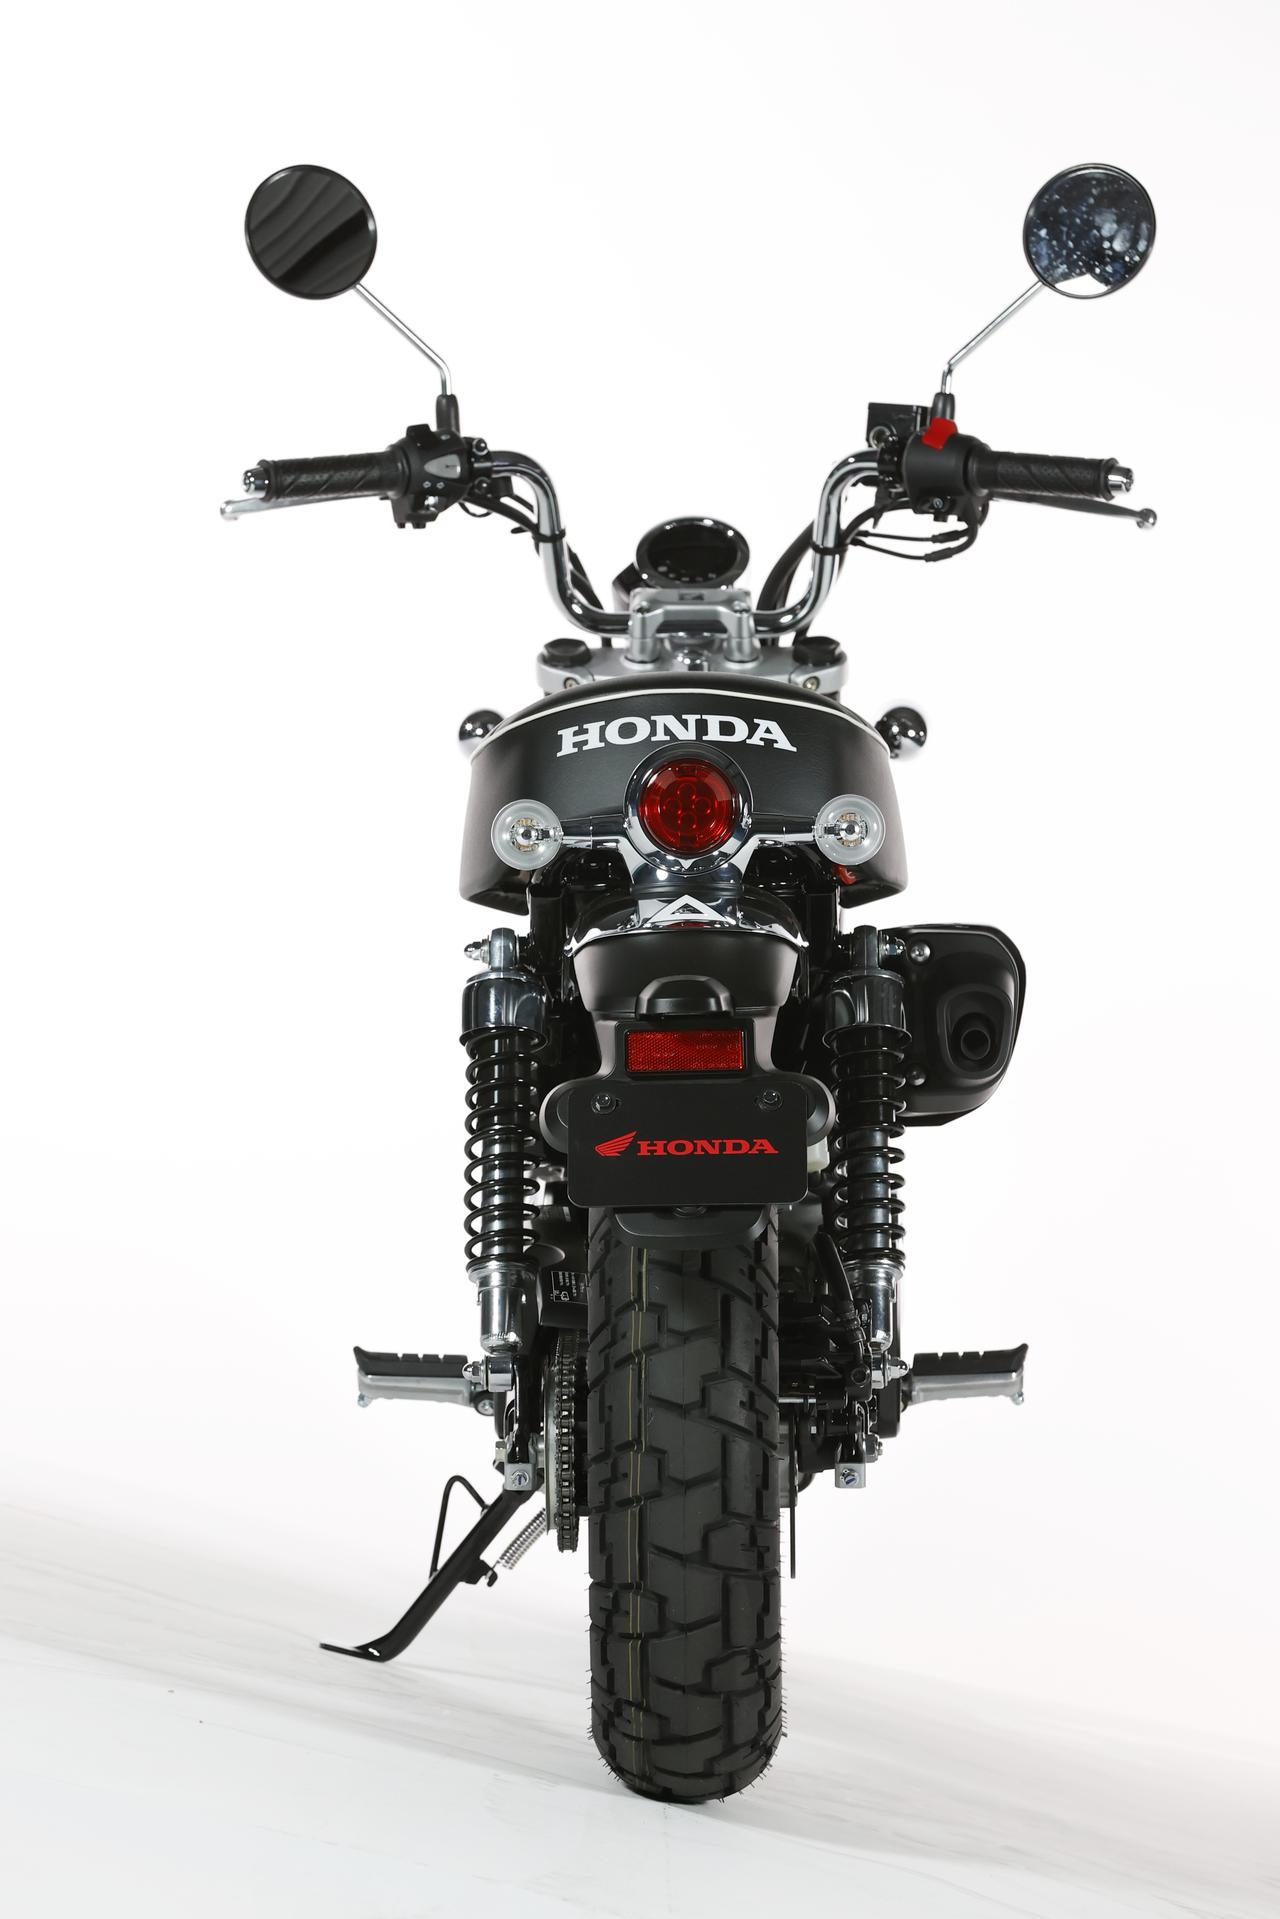 Images : 11番目の画像 - ホンダ「モンキー125」新色:パールシャイニングブラックの写真をもっと見る! - webオートバイ